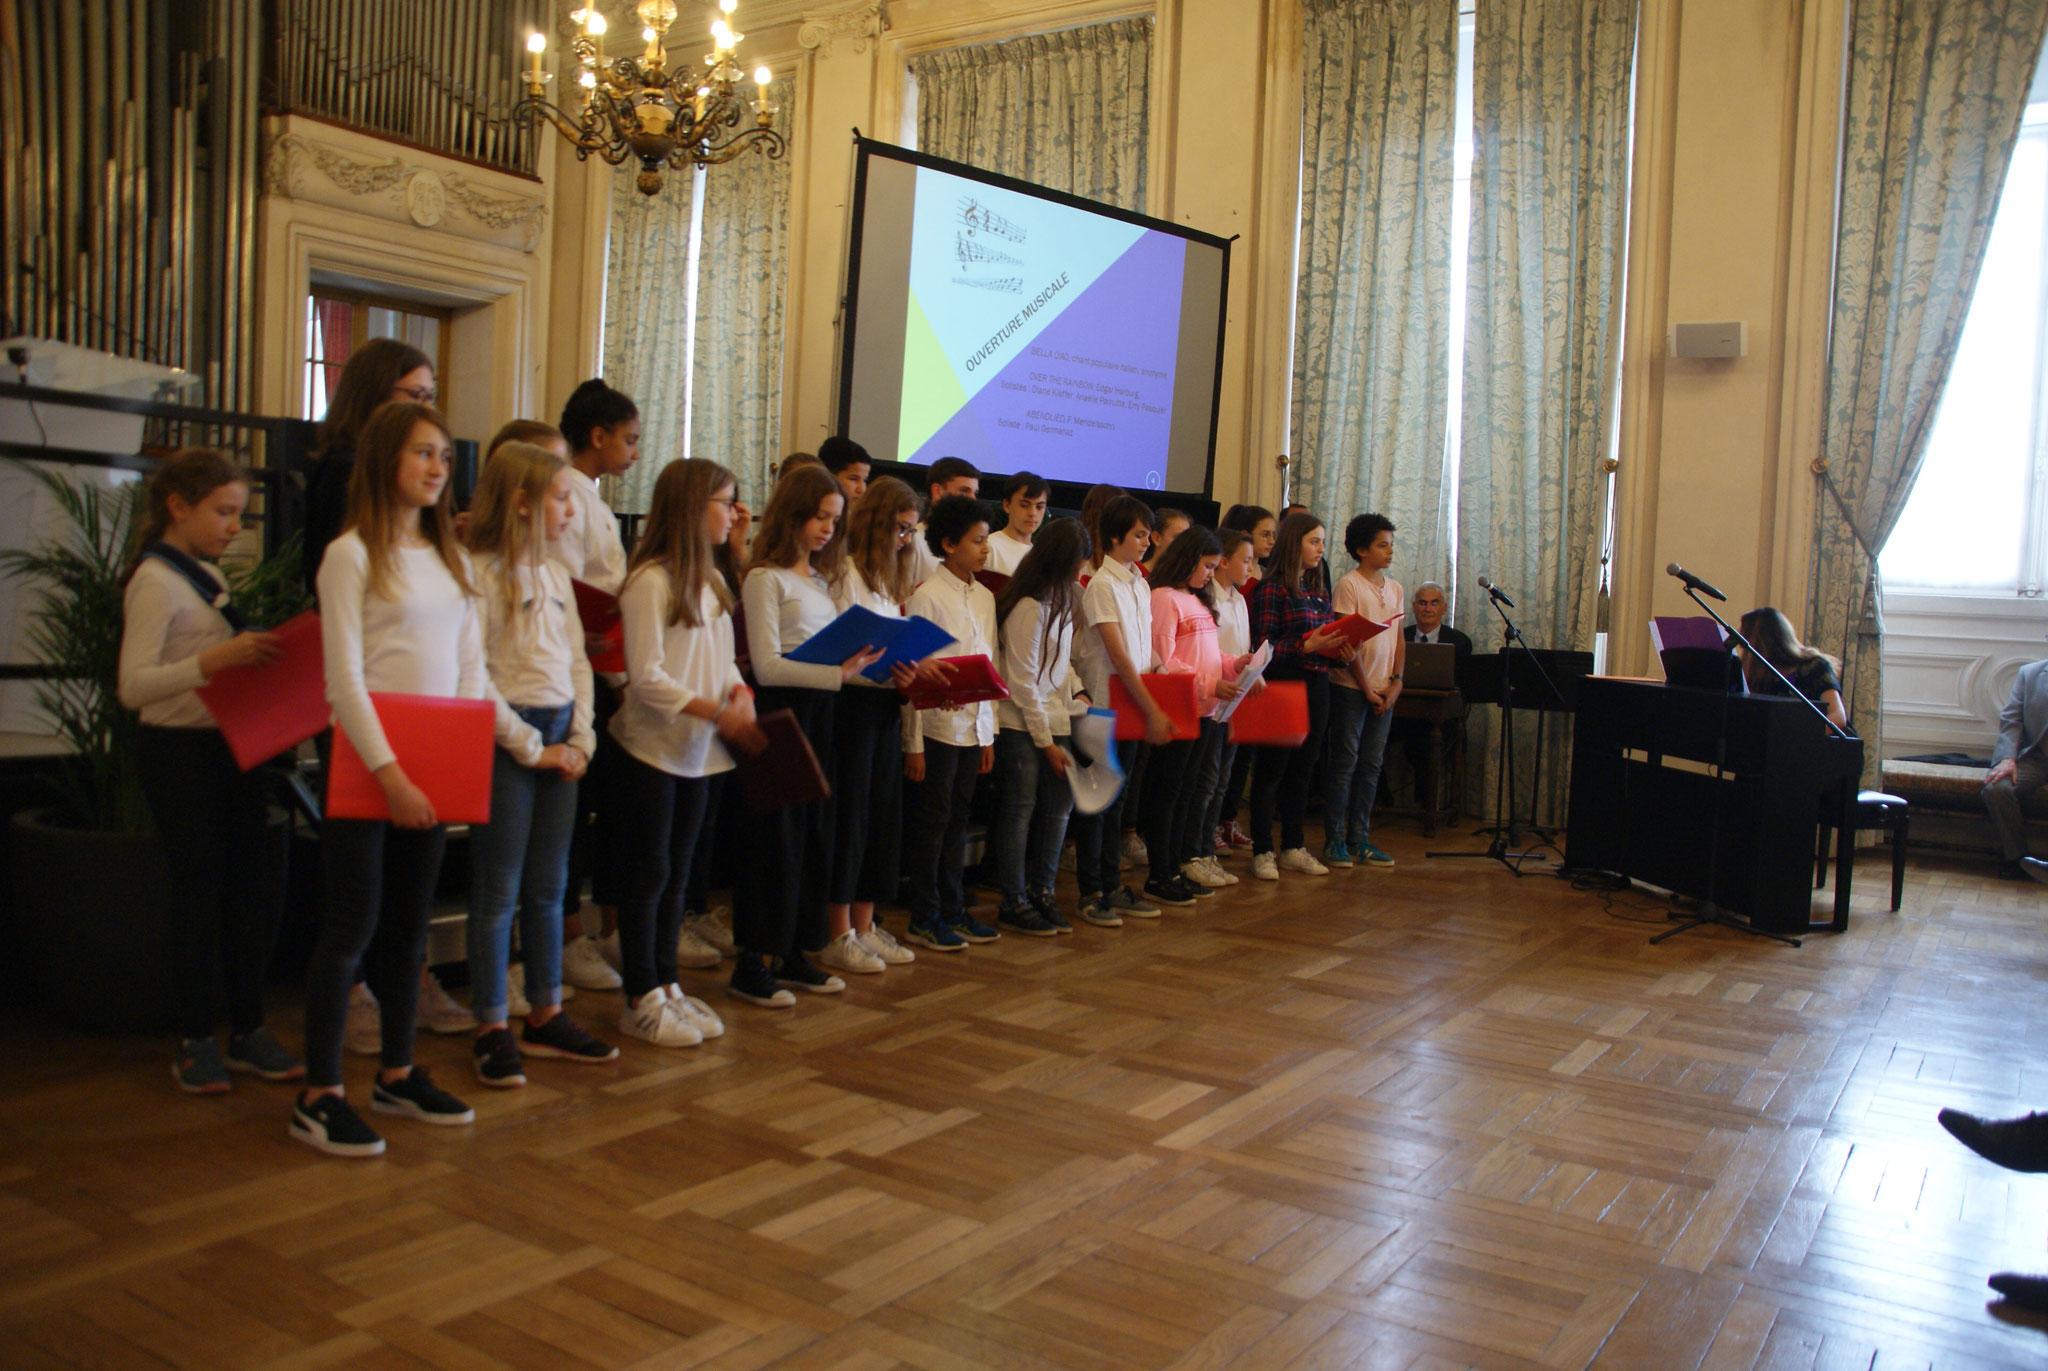 Les enfants de la chorale du collège Saint-Remi